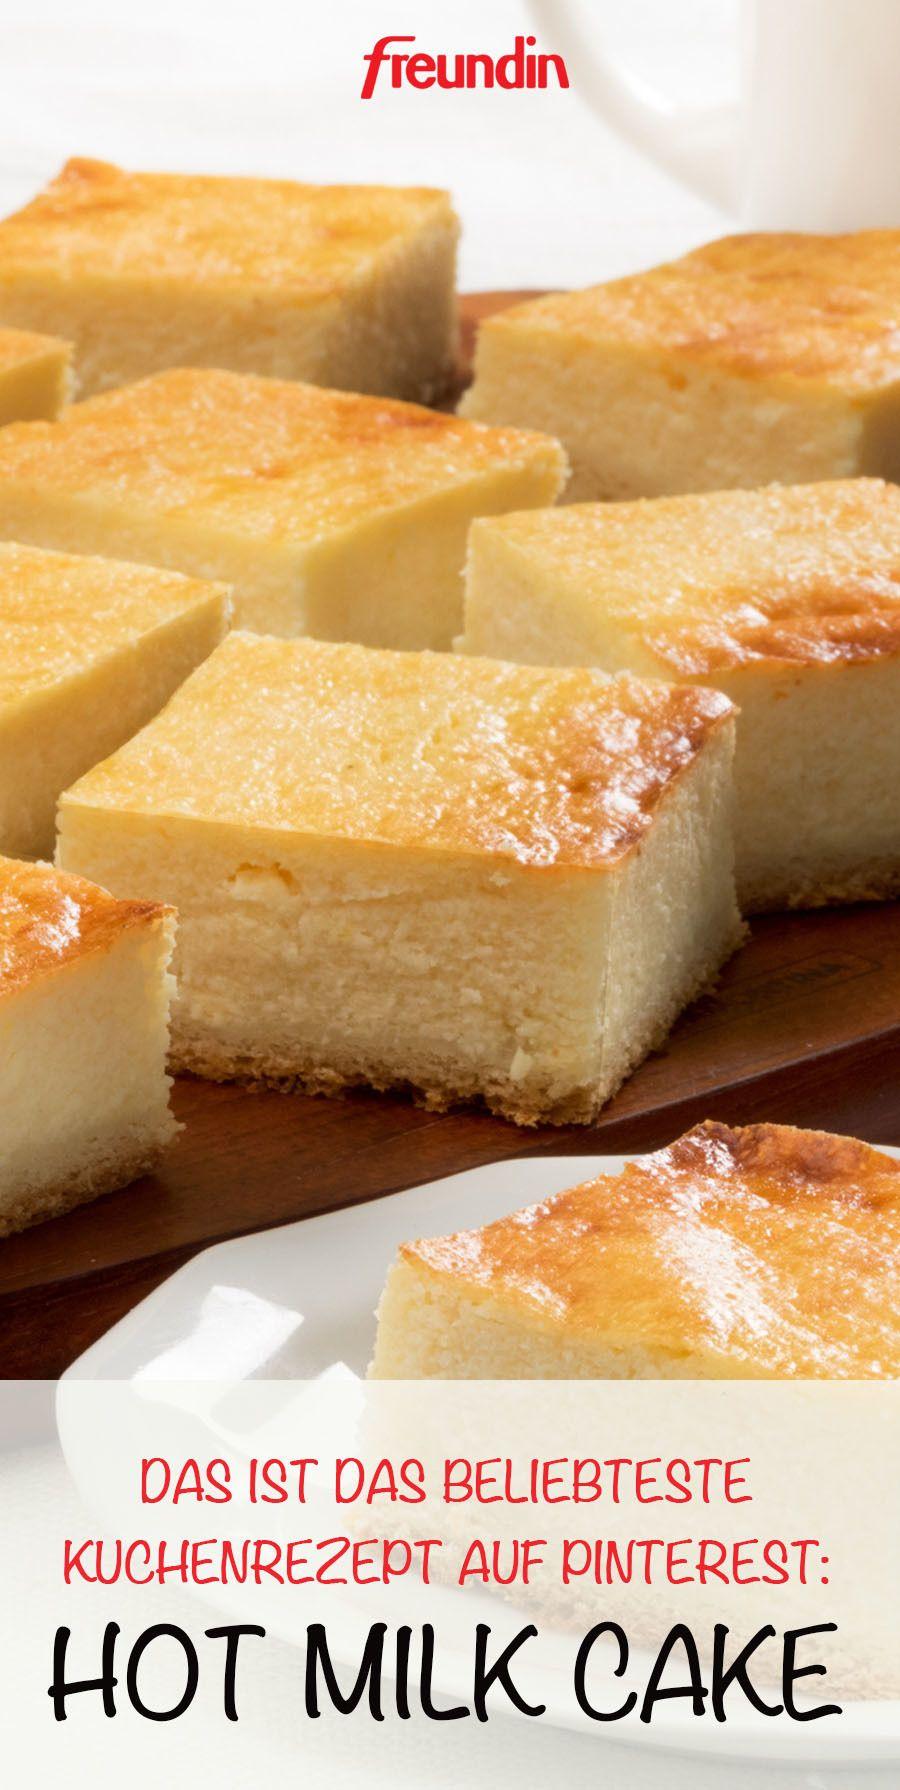 Hot Milk Cake Das ist das beliebteste Kuchenrezept auf Pinterest is part of Hot milk cake - Dieser Kuchen sieht nicht nur fantastisch aus, sondern lässt sich auch leicht zubereiten  Das beliebte Rezept finden Sie hier